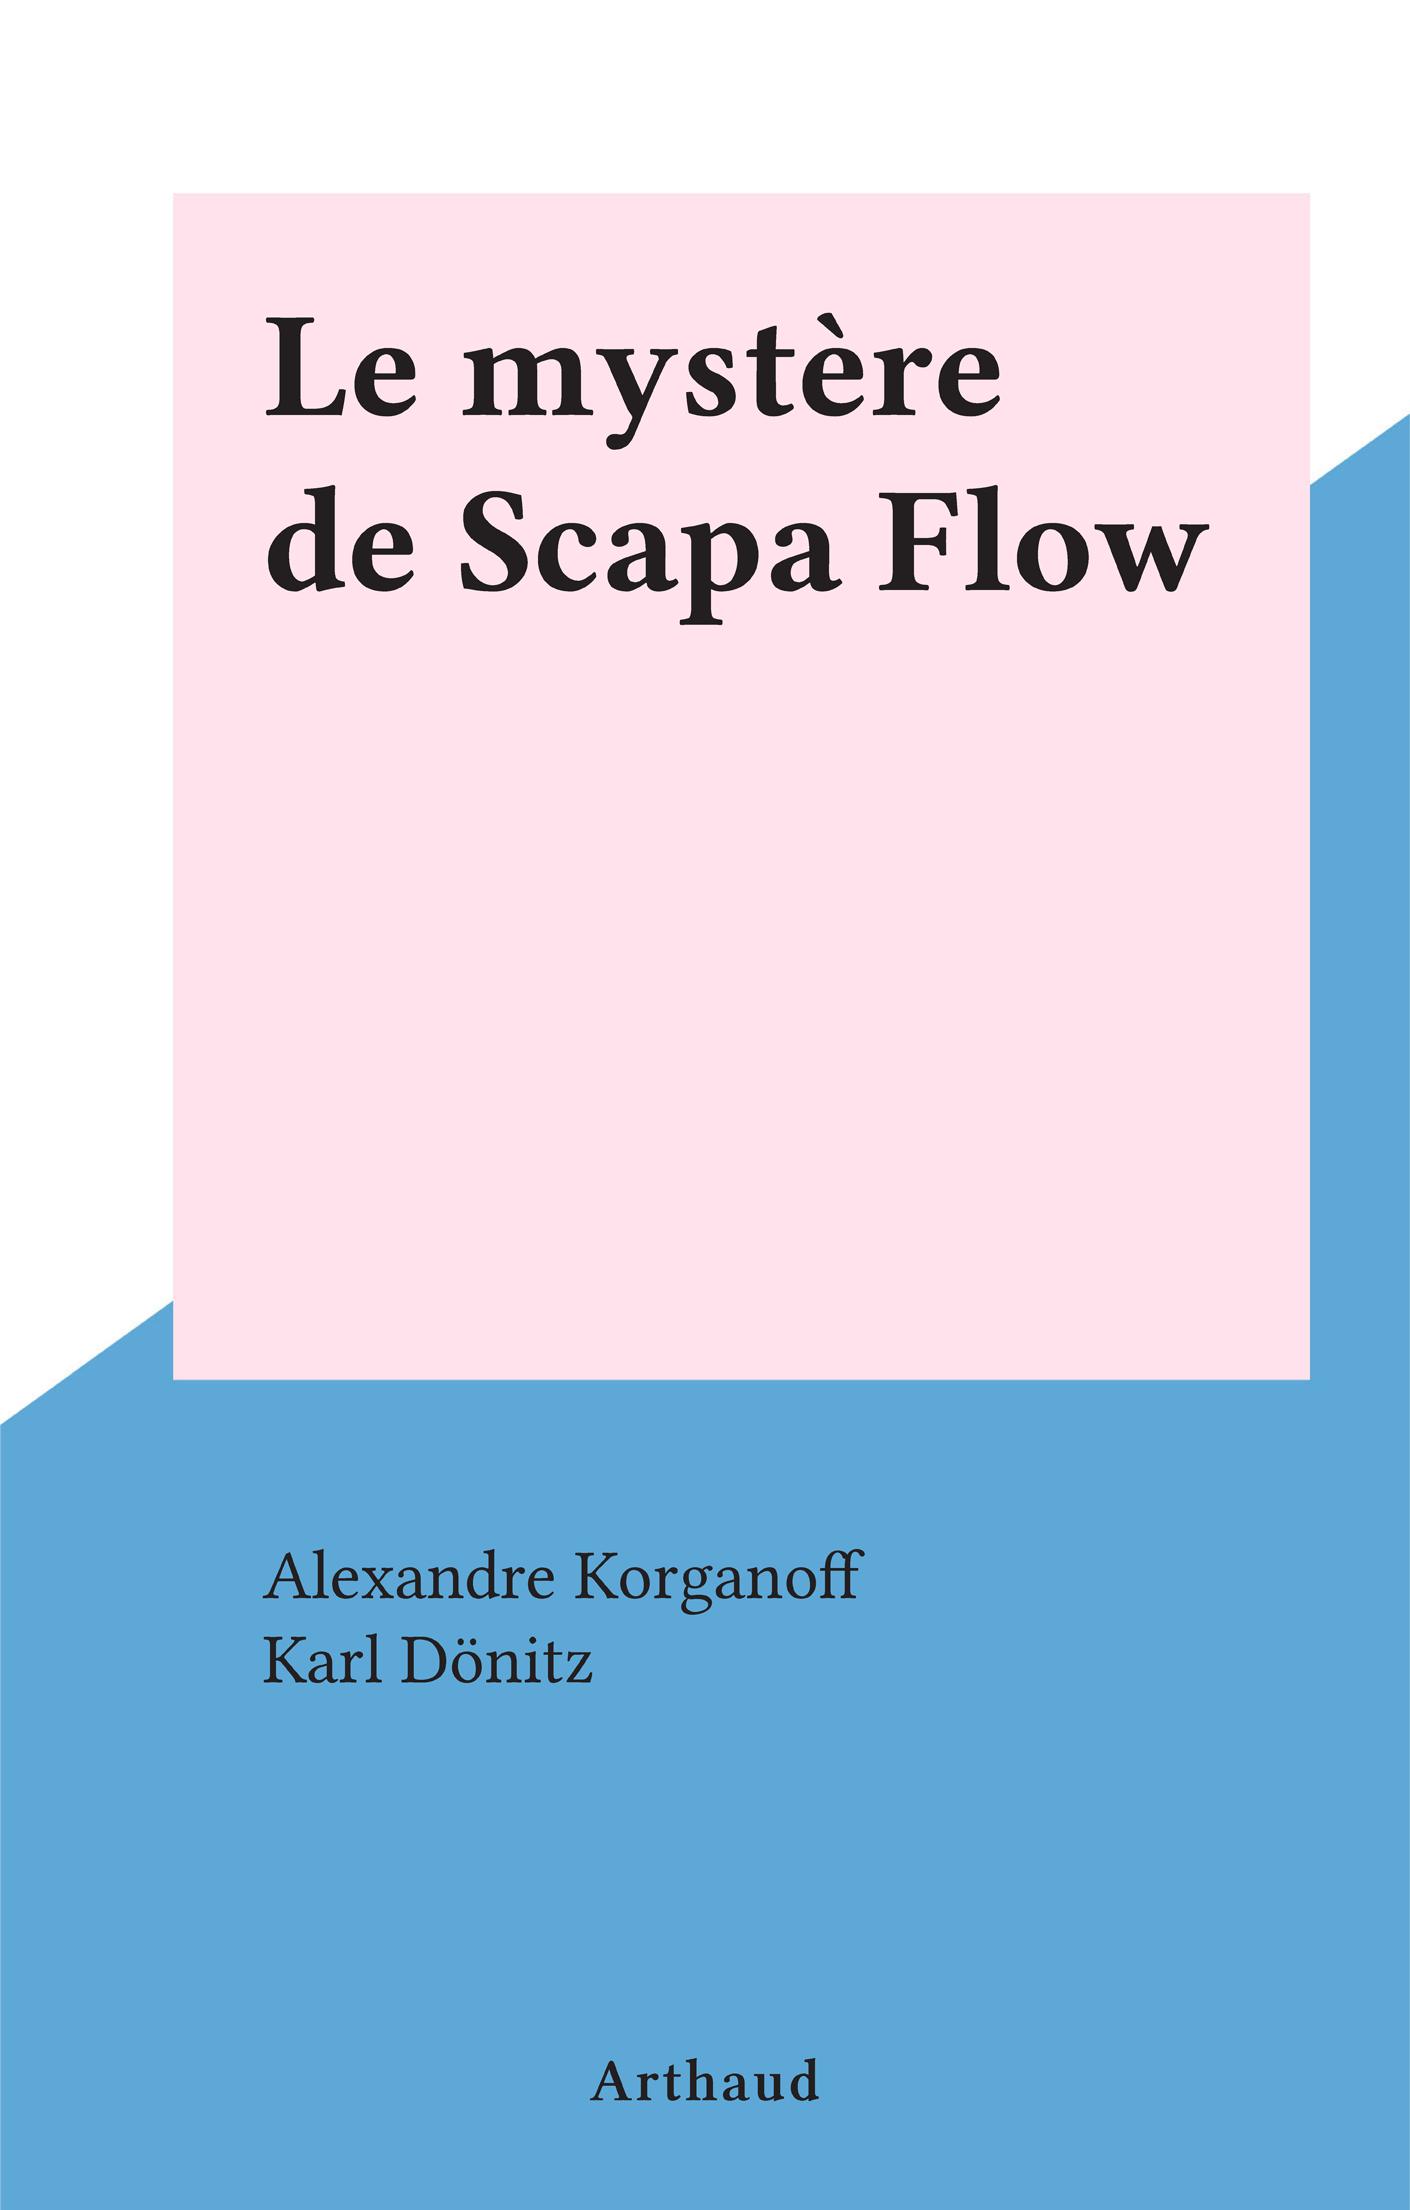 Le mystère de Scapa Flow